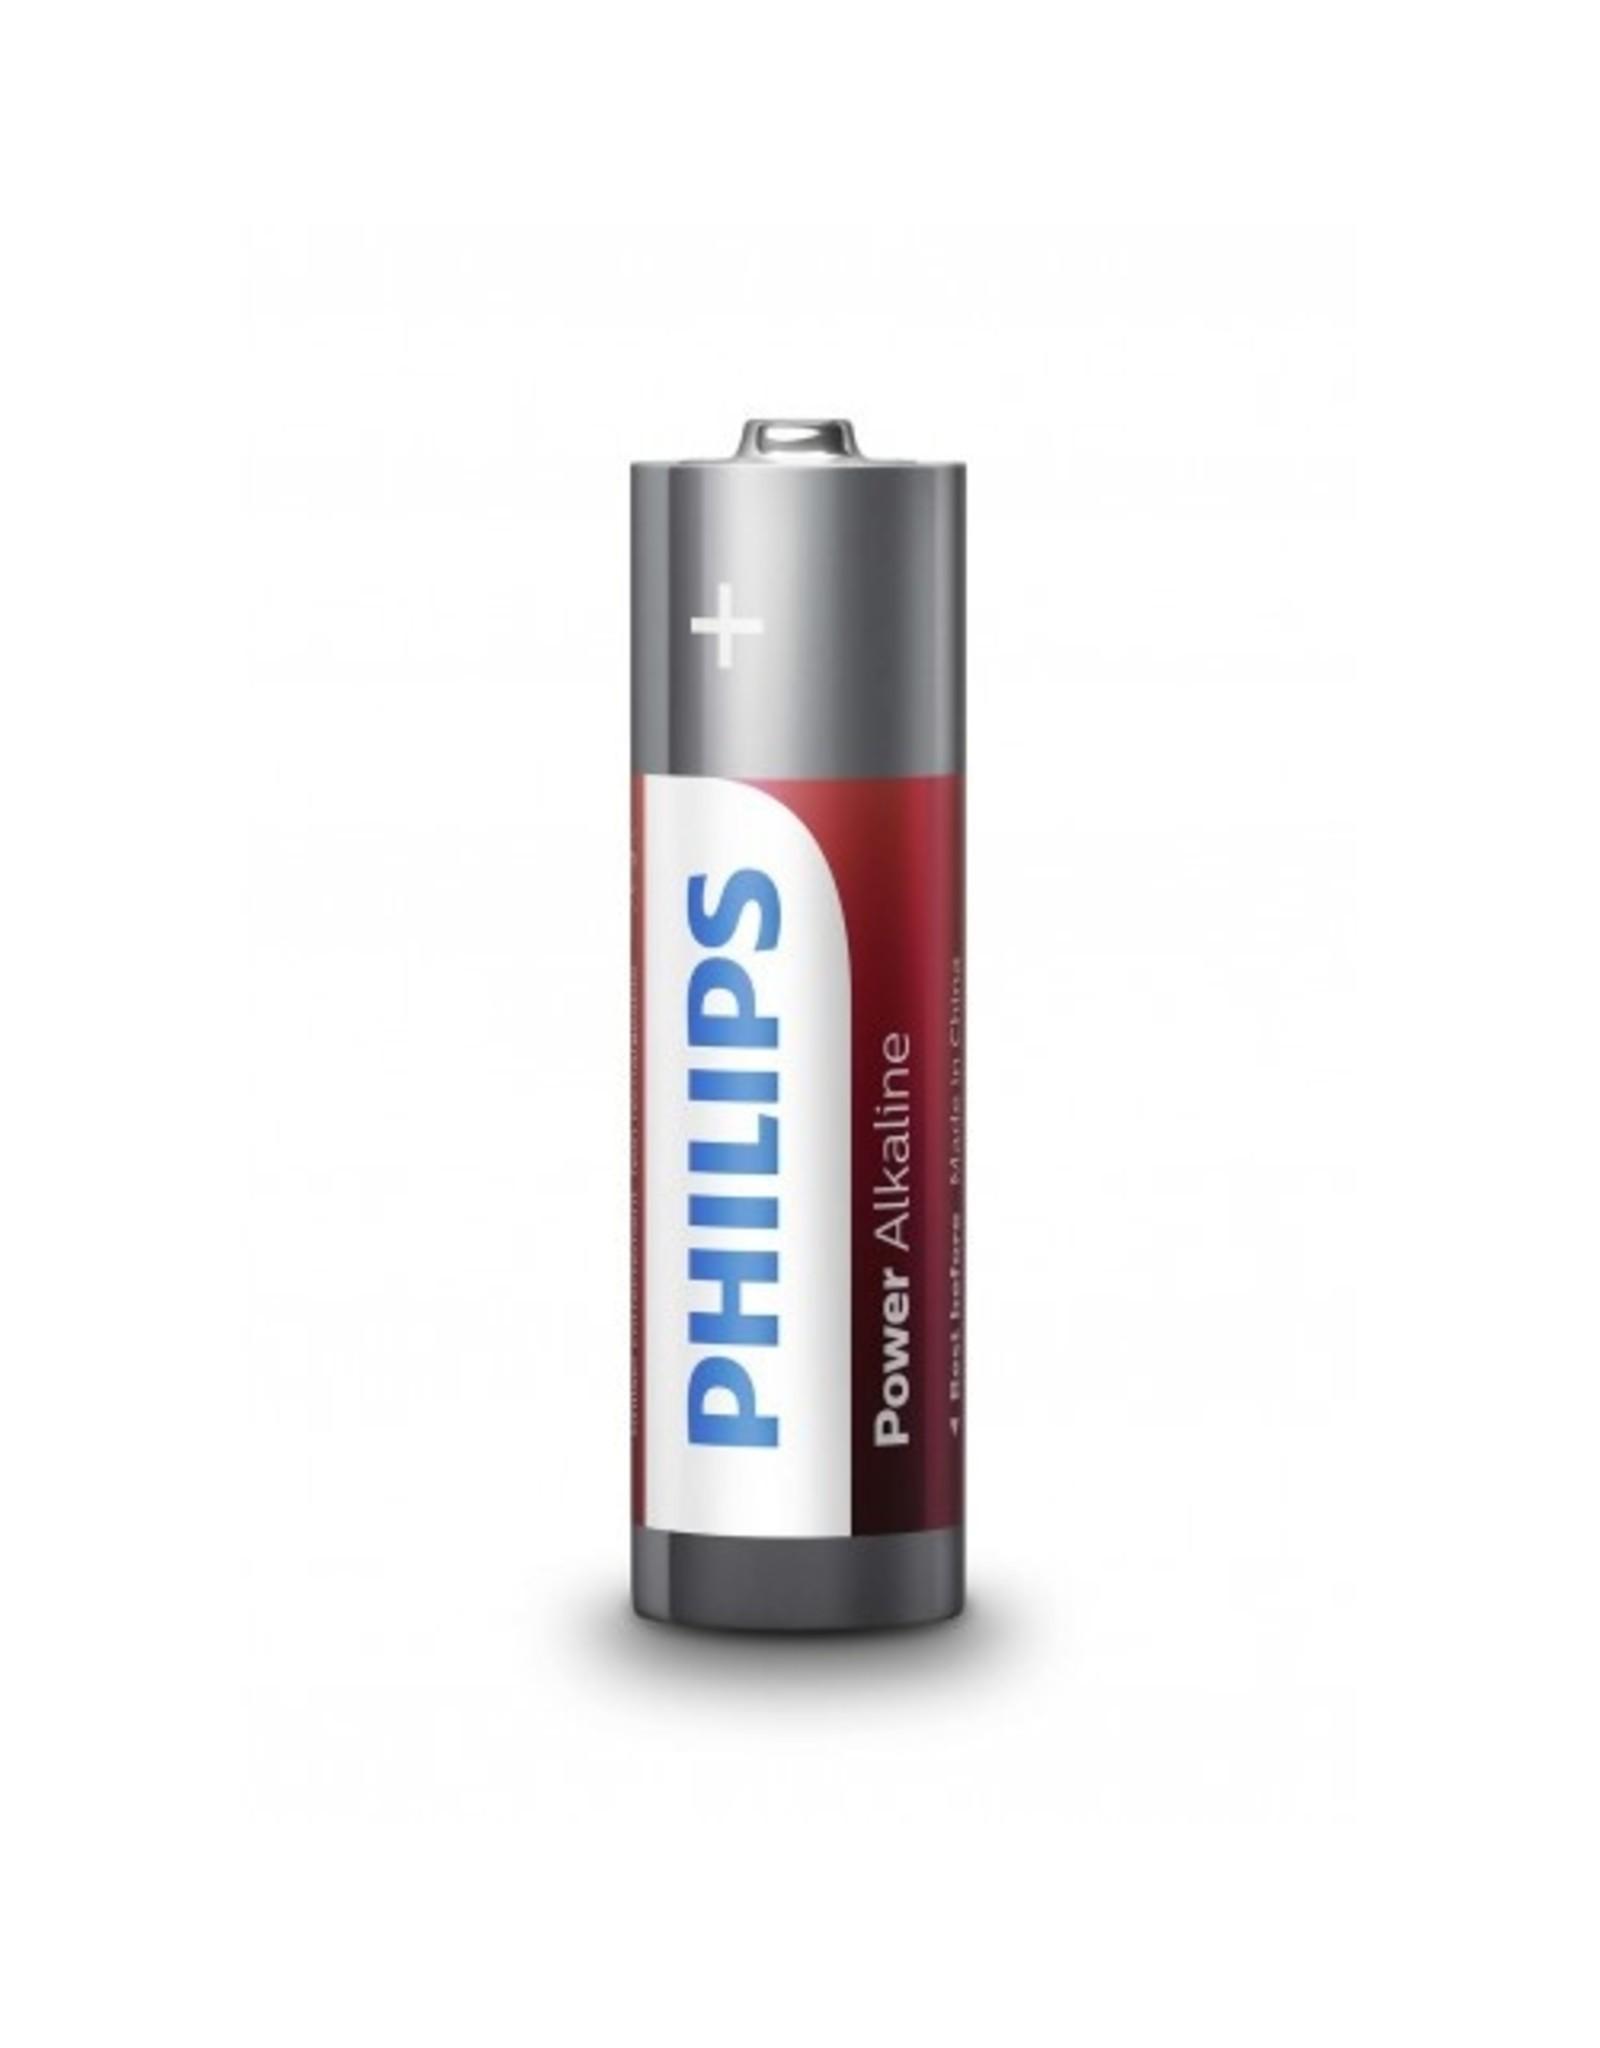 Philips 36-pack Philips Power Alkaline Batterijen - AA of AAA